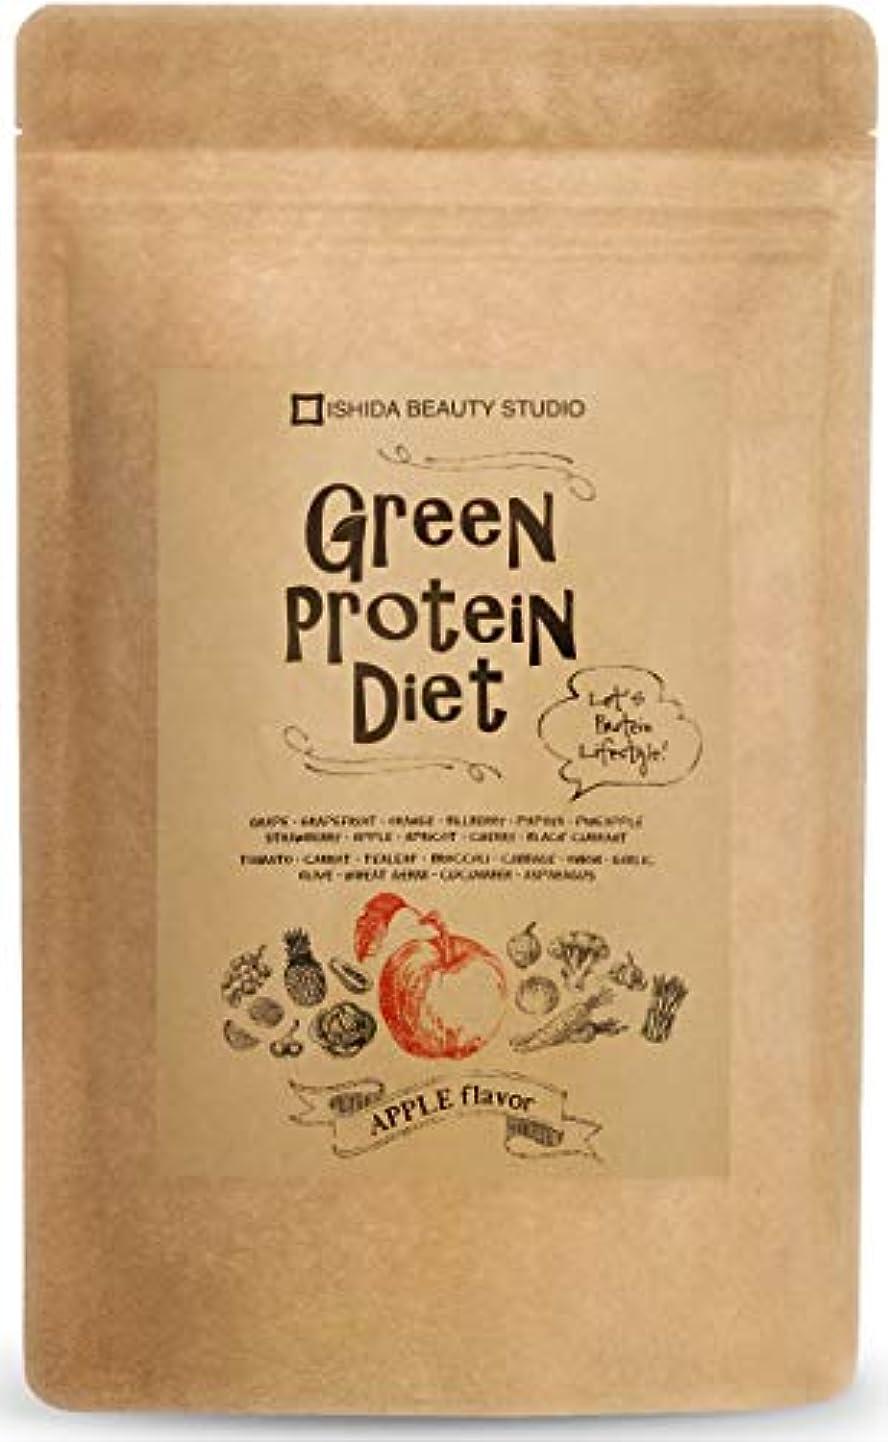 機関おばさん振動させるグリーン プロテイン ダイエット シェイク 置き換え スムージー 美容成分配合 無添加 アップル 100g